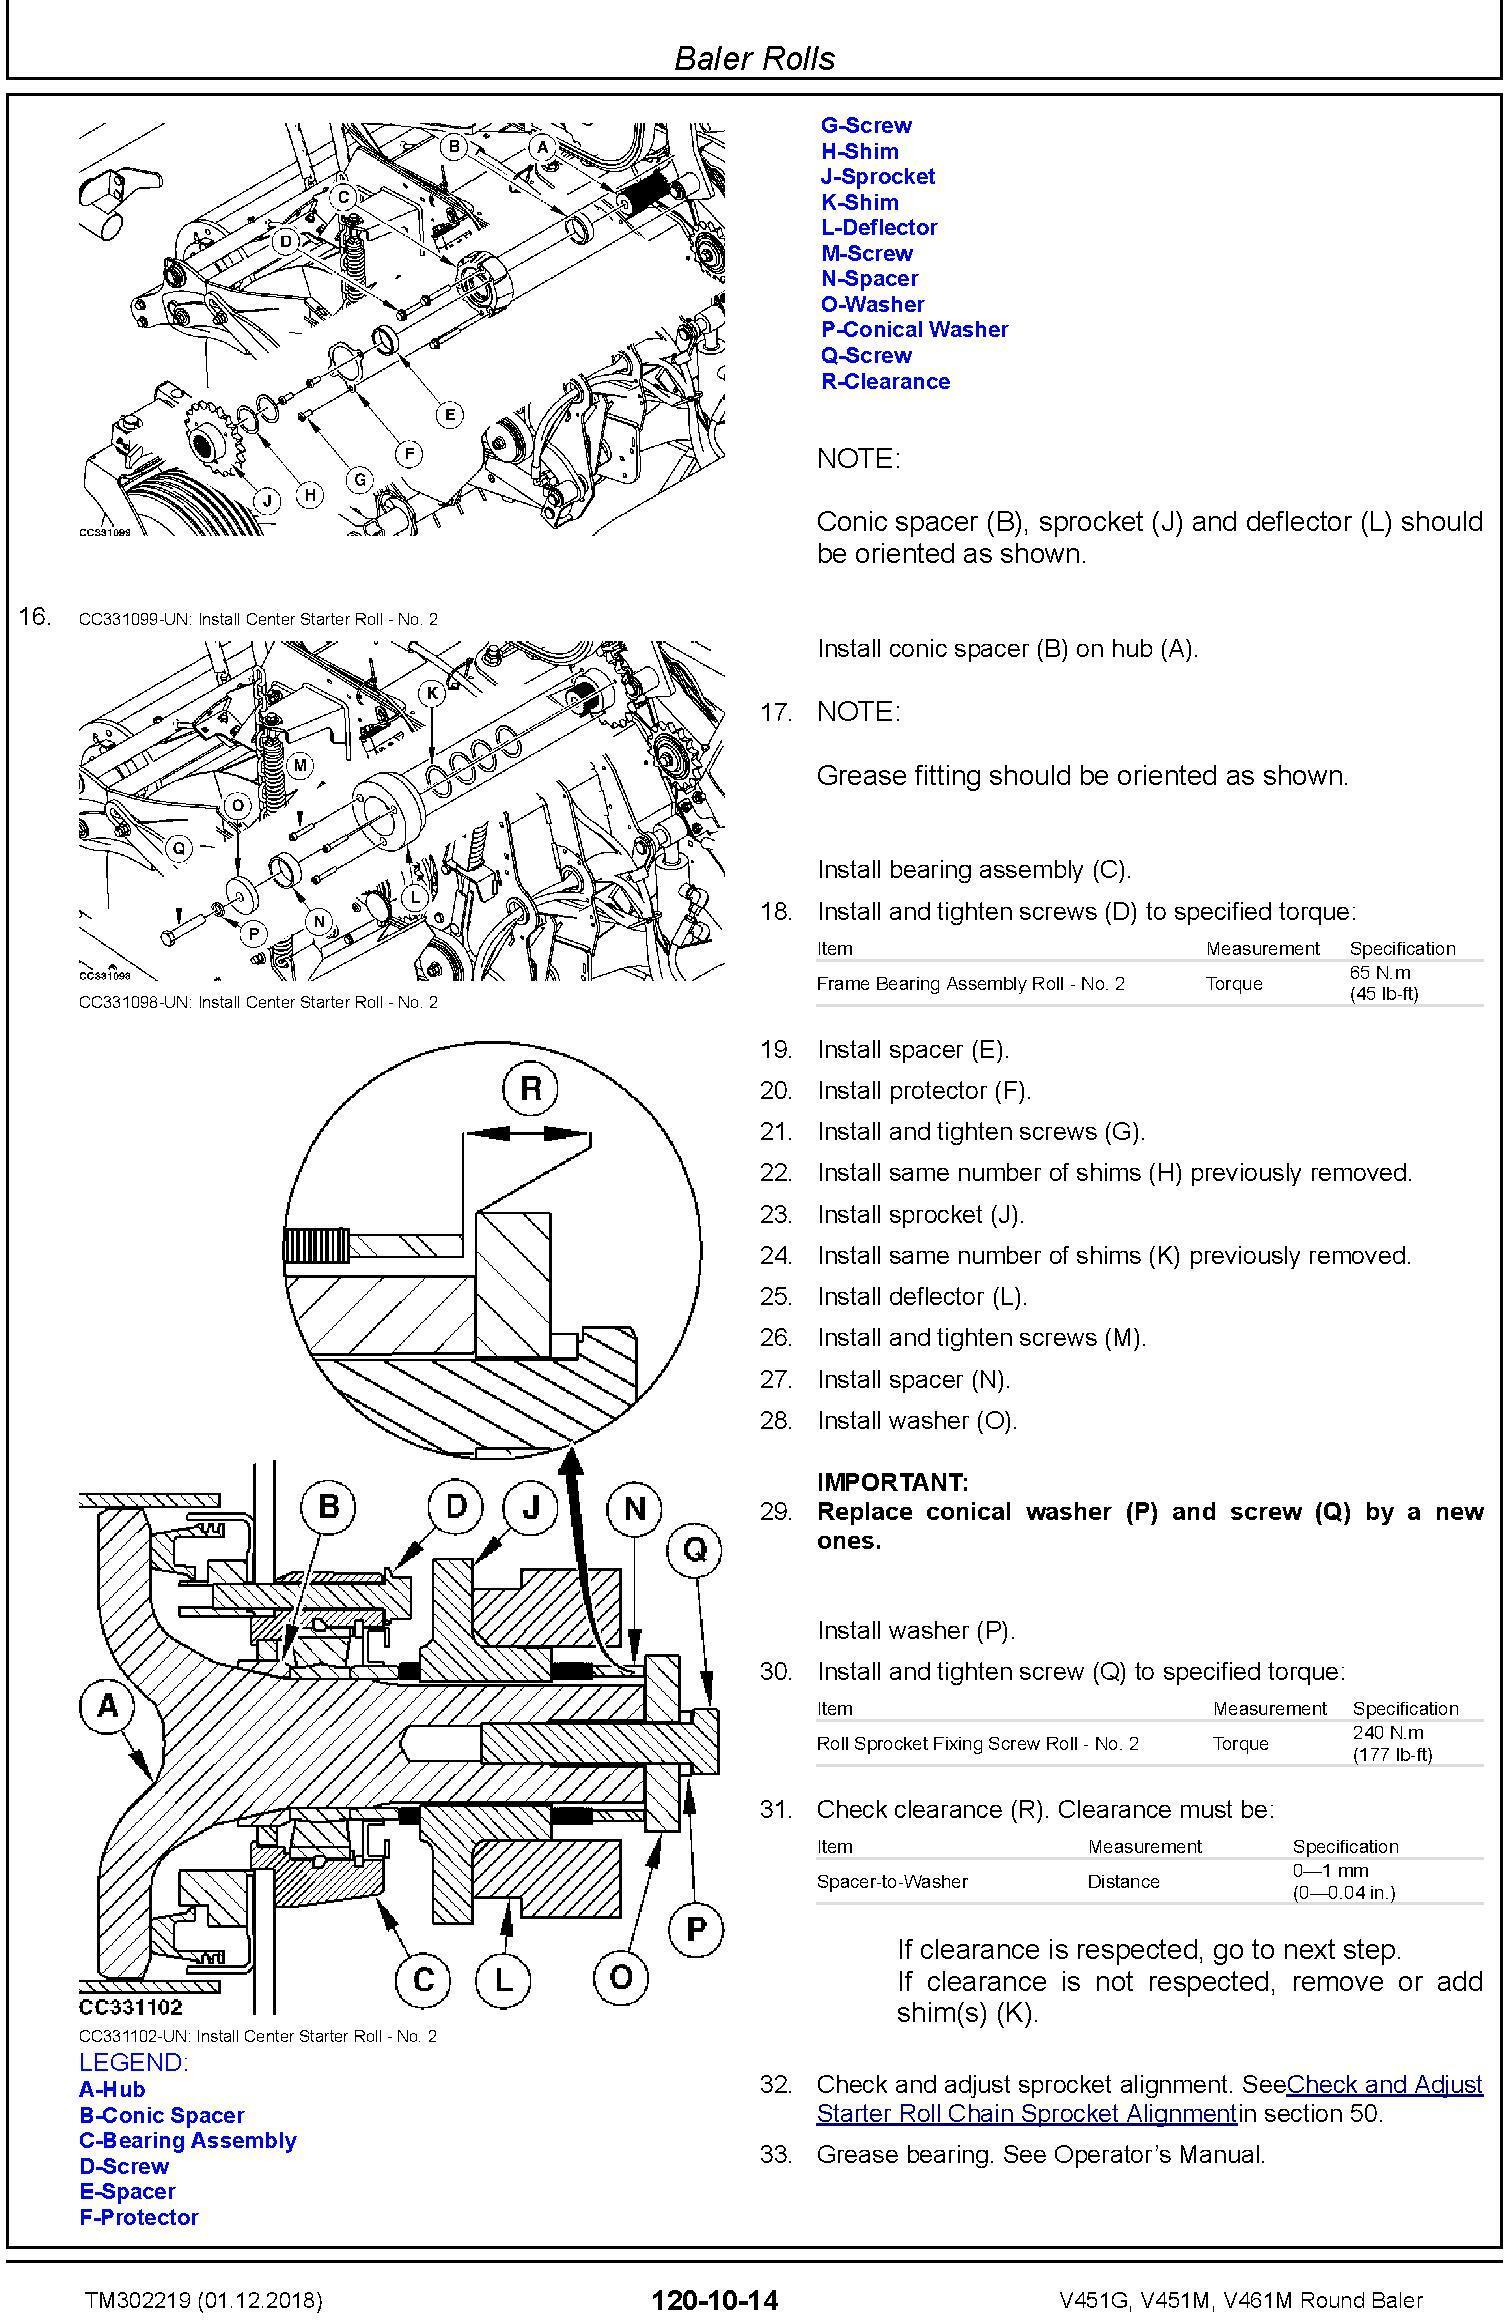 John Deere V451G, V451M, V461M Round Baler Service Repair Technical Manual (TM302219) - 3